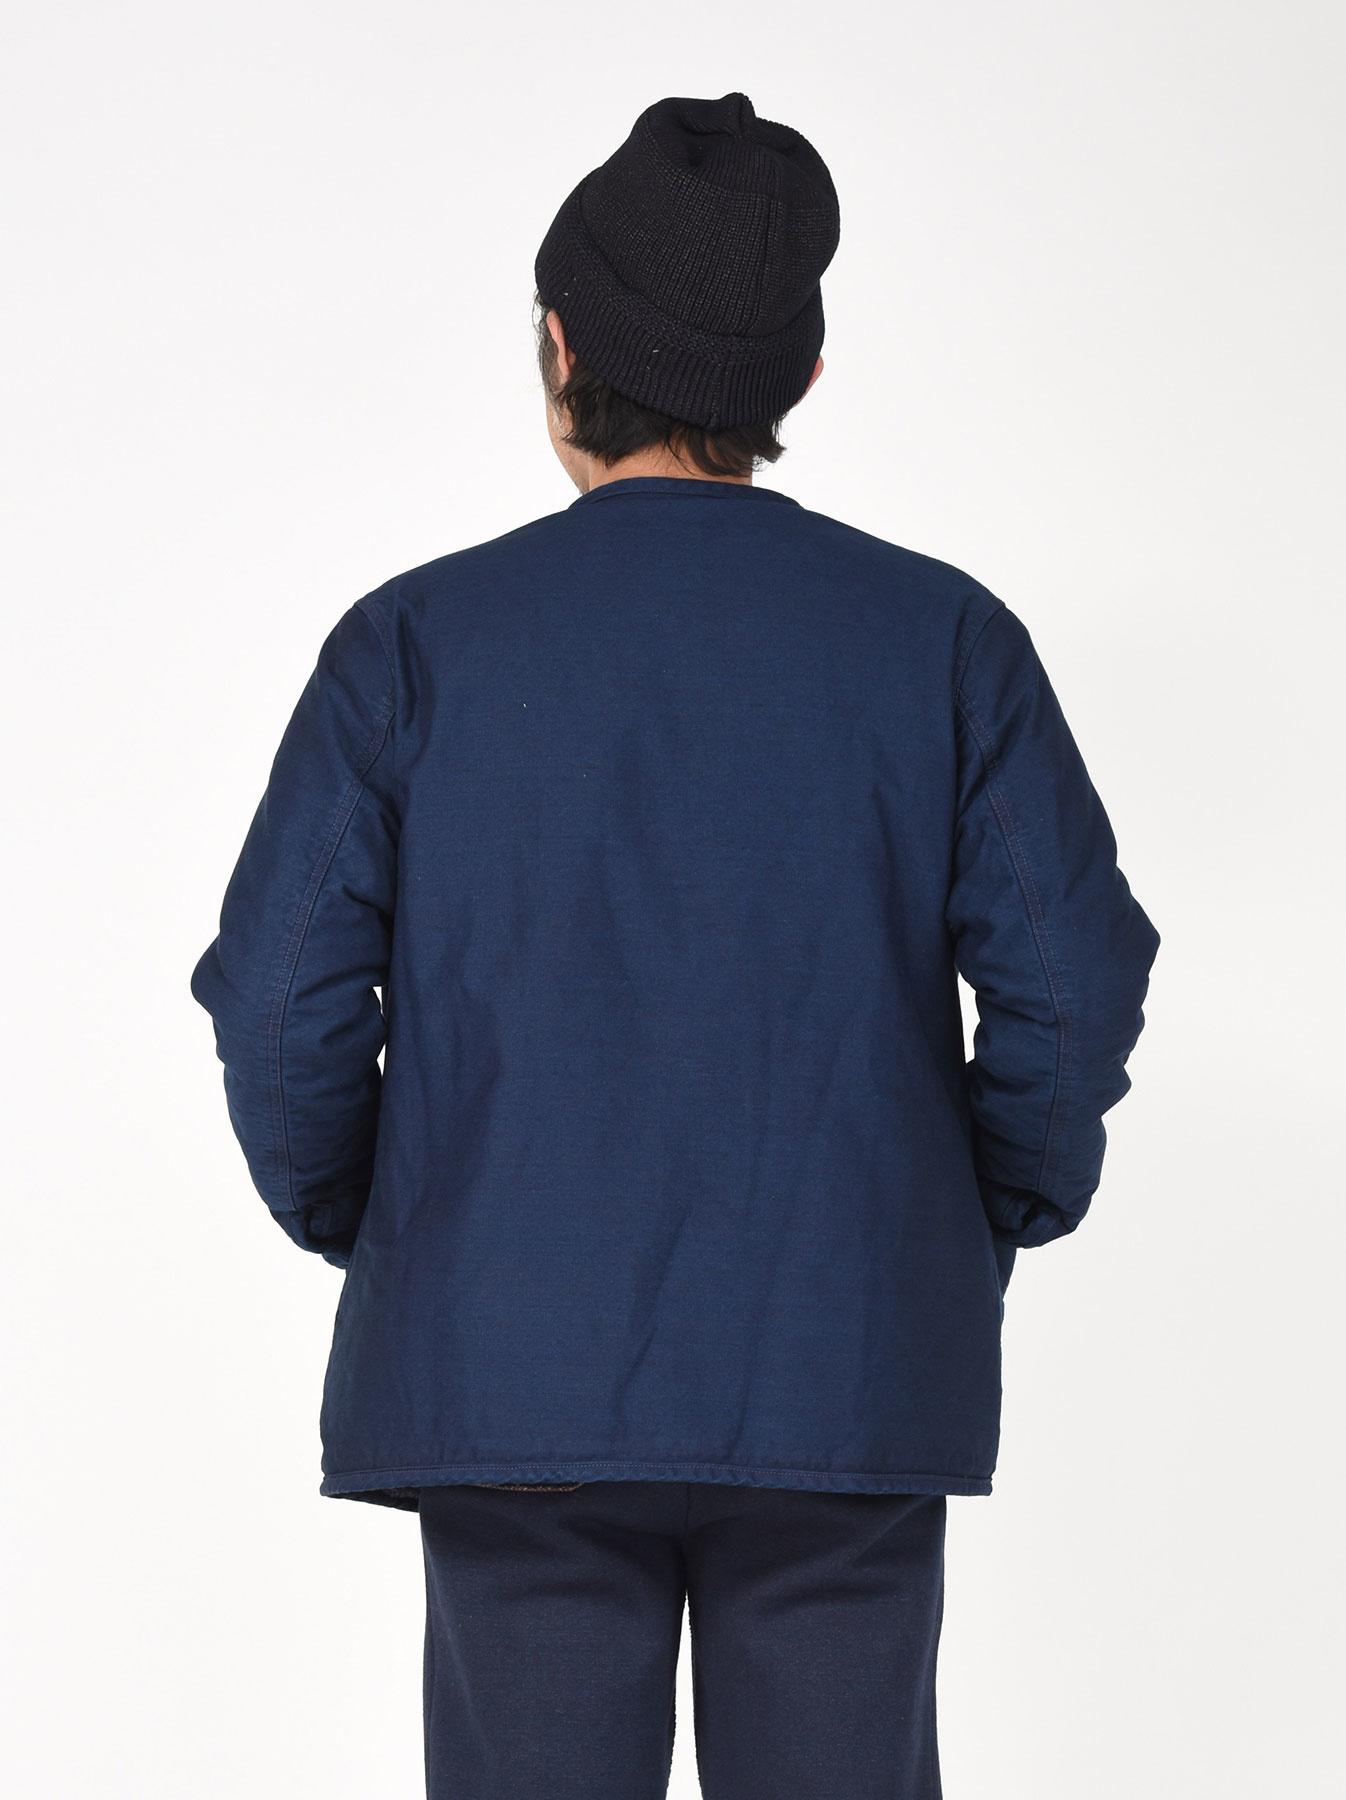 Okome Yoko-shusu Sheep Boa 908 Jacket-7